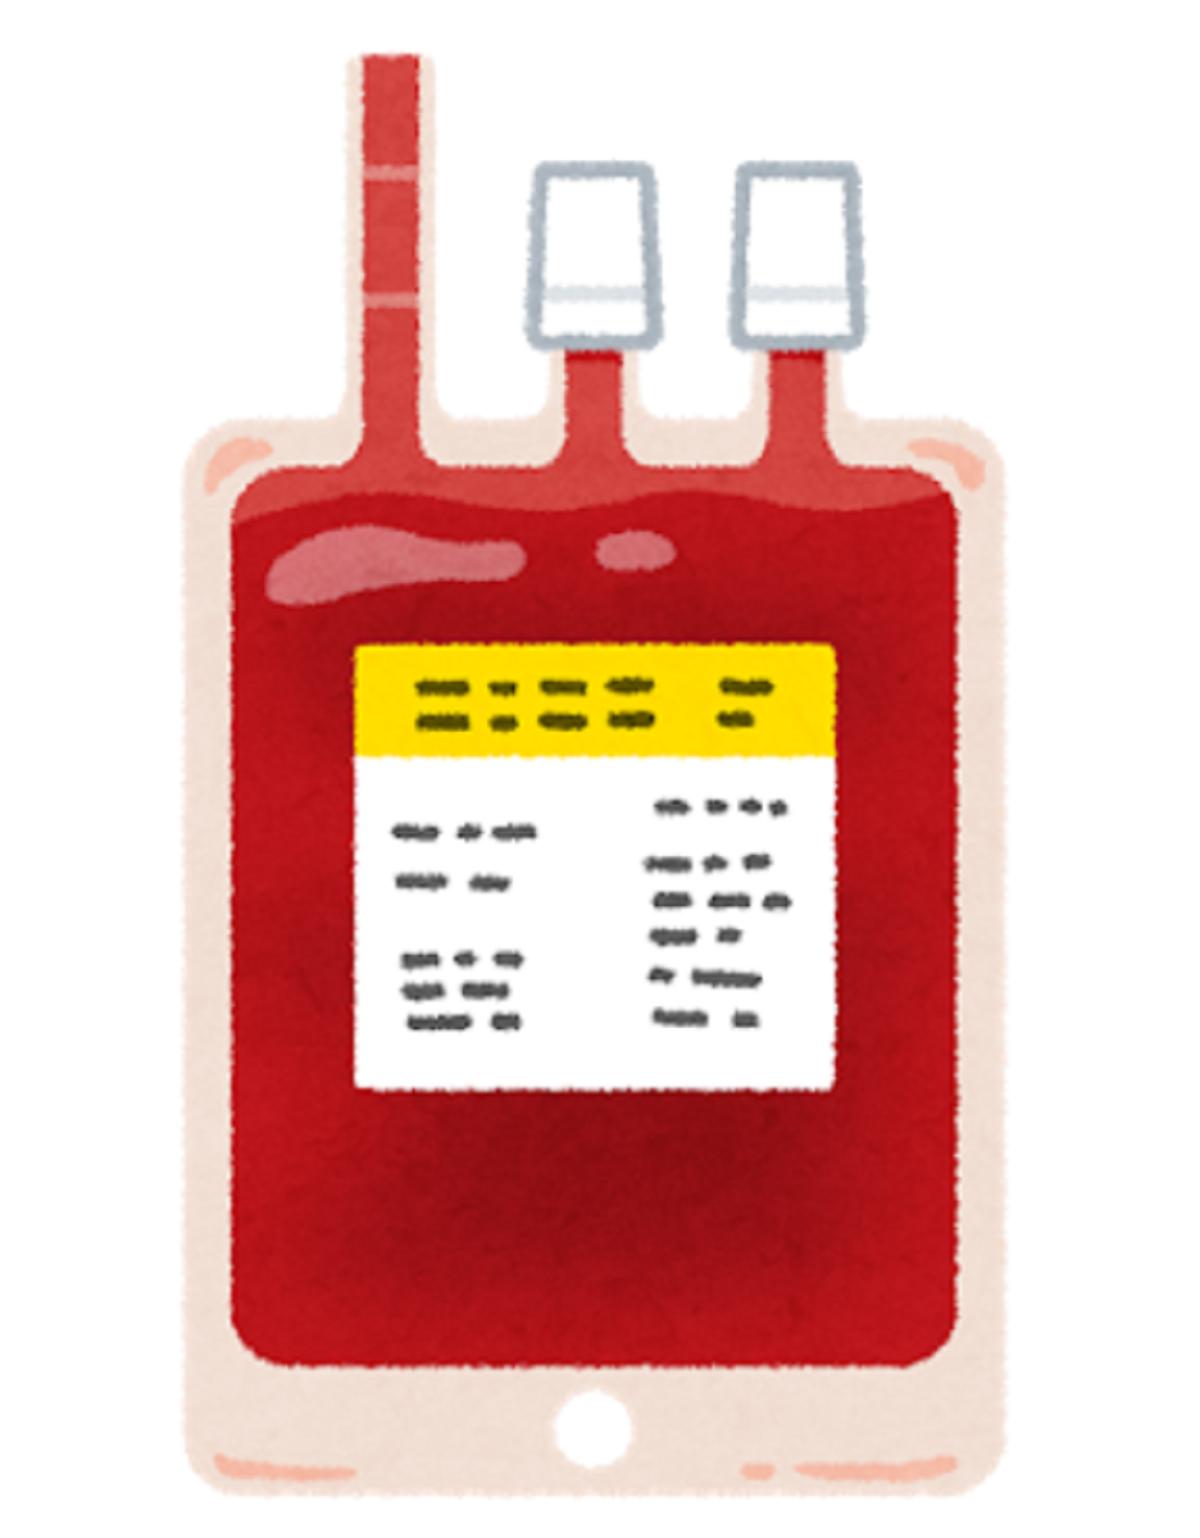 カルバゾクロム(アドナ®)とトラネキサム酸(トランサミン®)について~止血作用に注目~